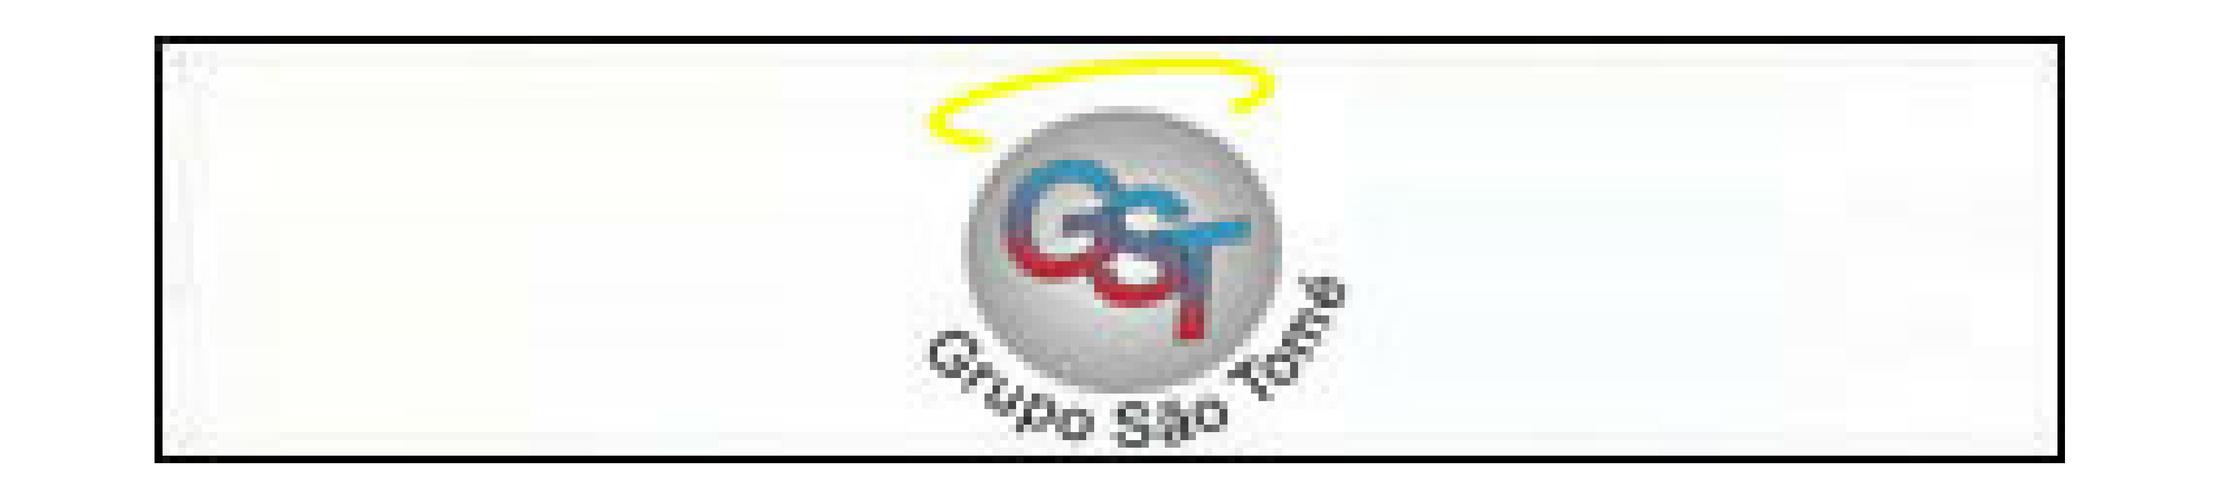 RK-TRANSPORTES-COMERCIO-E-REPRESENTAcoES-LTDA-EPP-logo.png